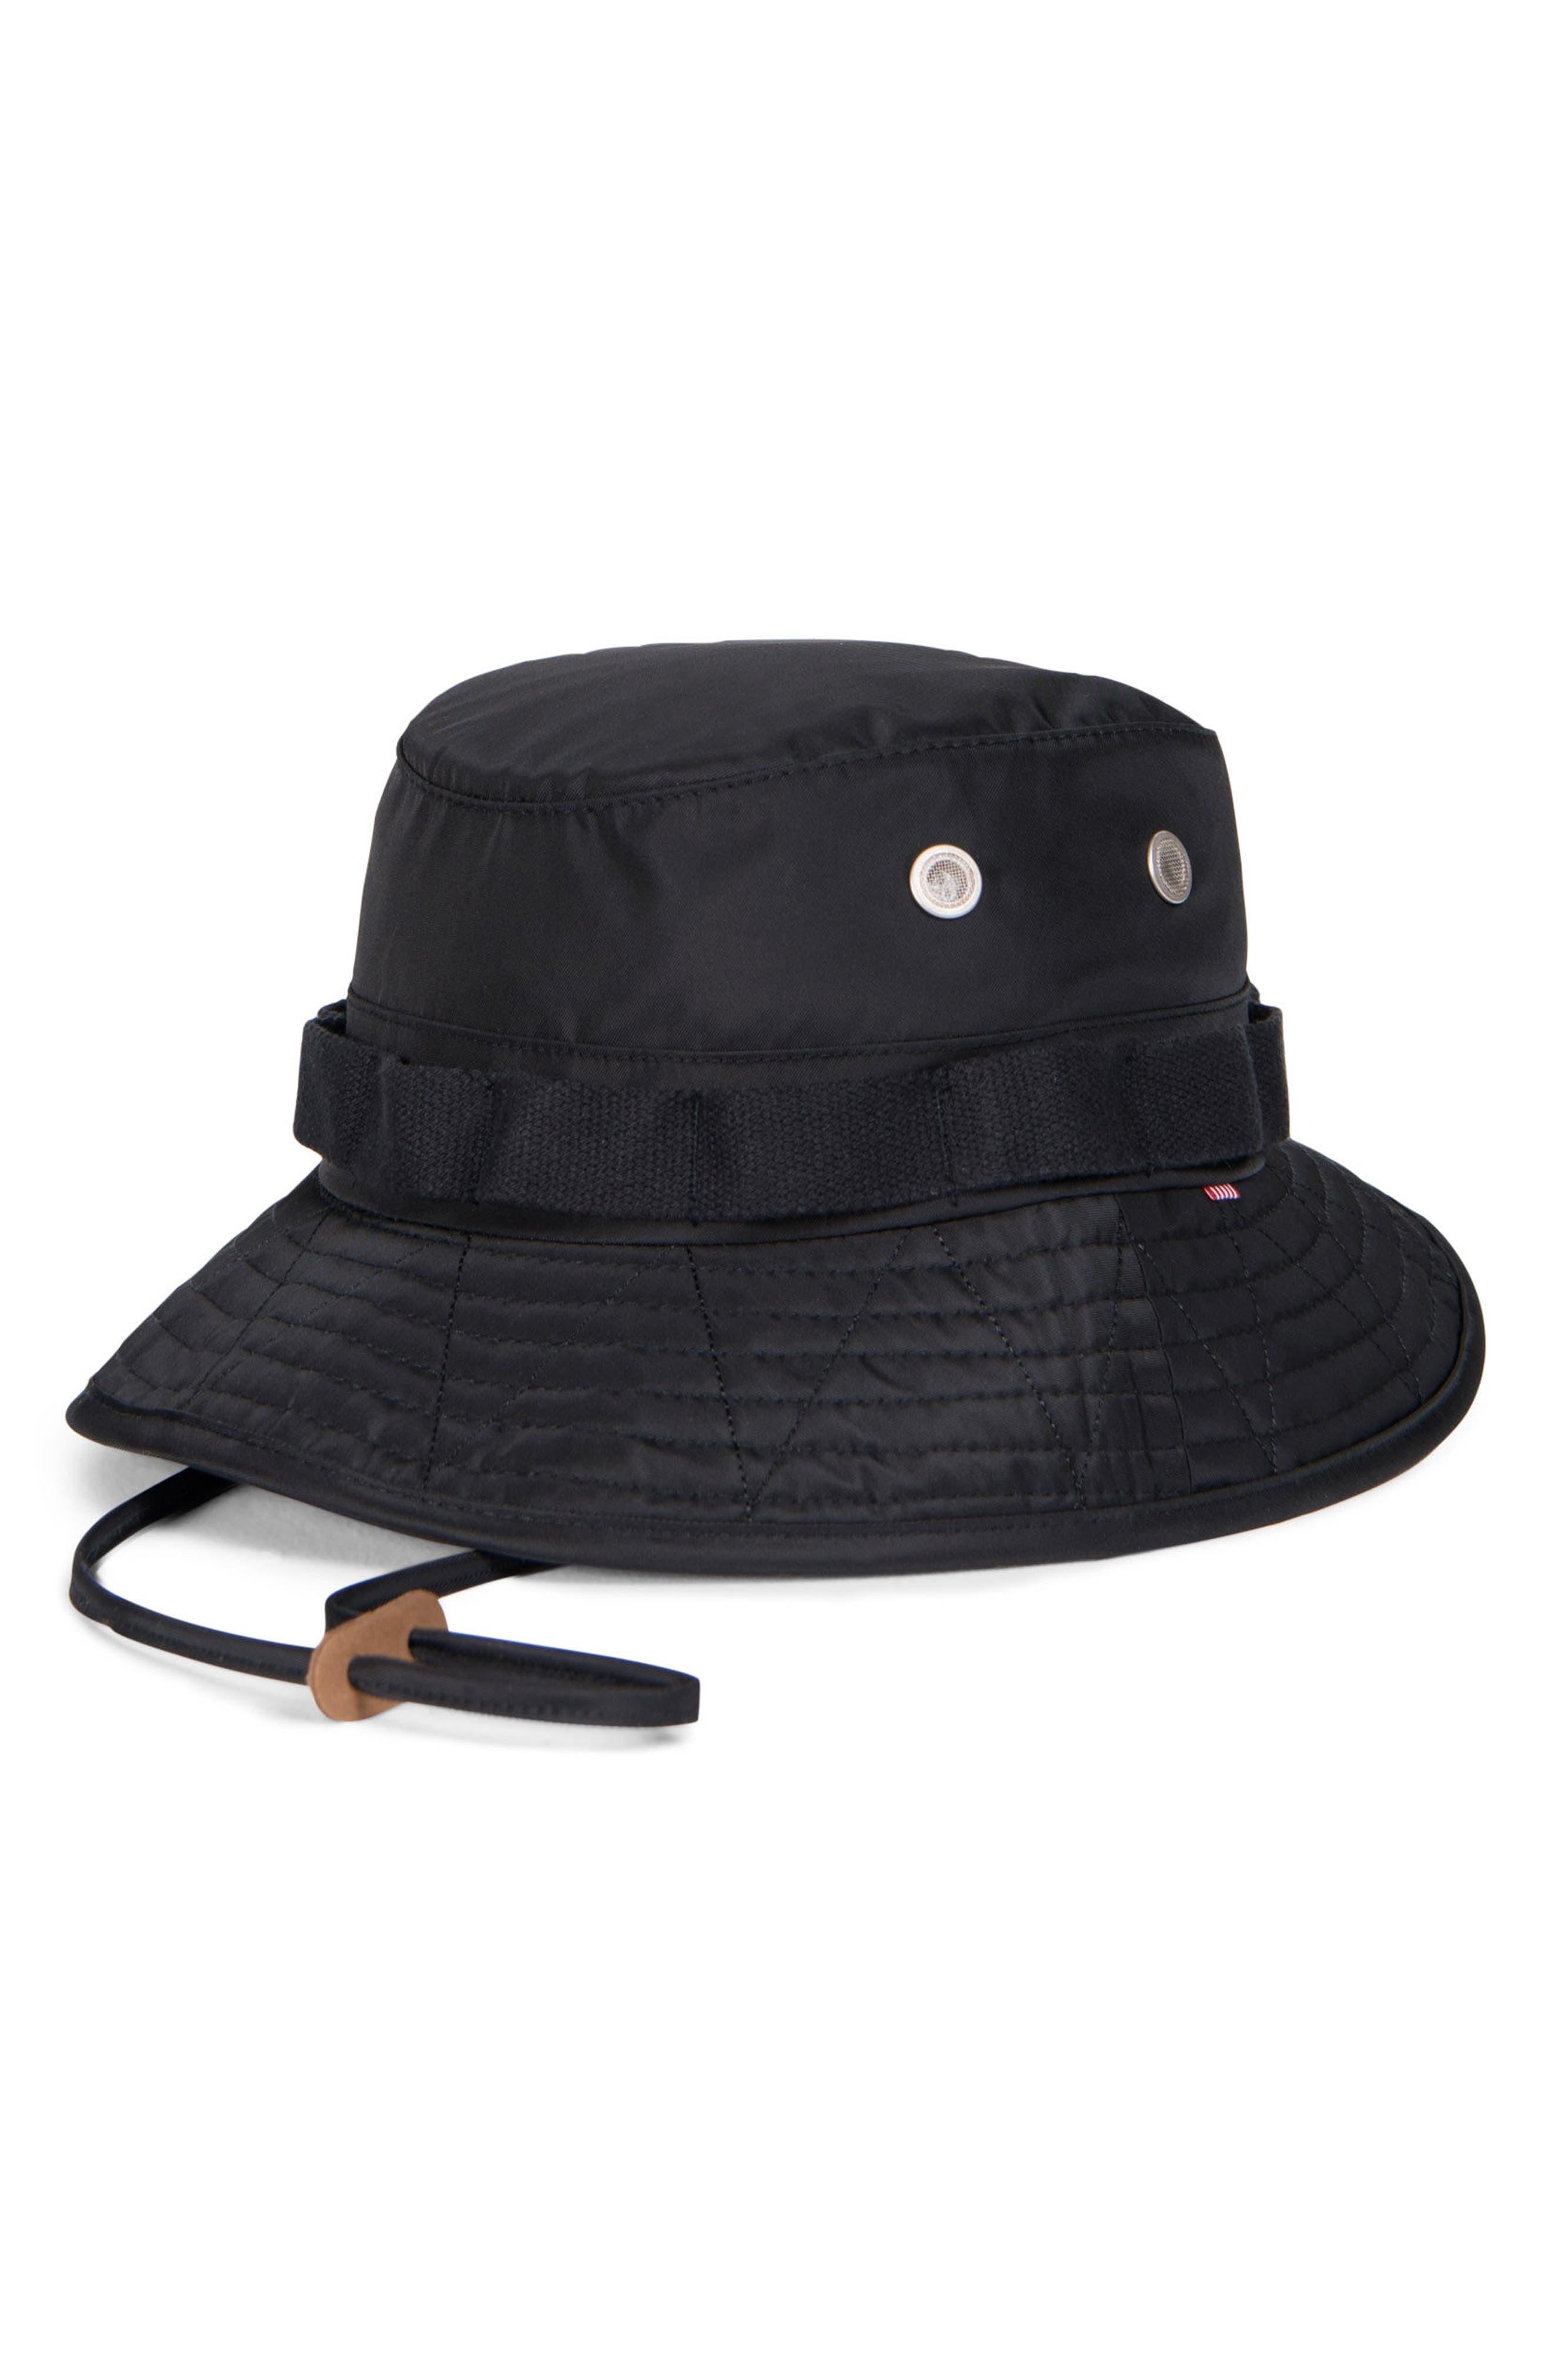 Alternate Image 1 Selected - Herschel Supply Co. Creek Surplus Collection Bucket Hat